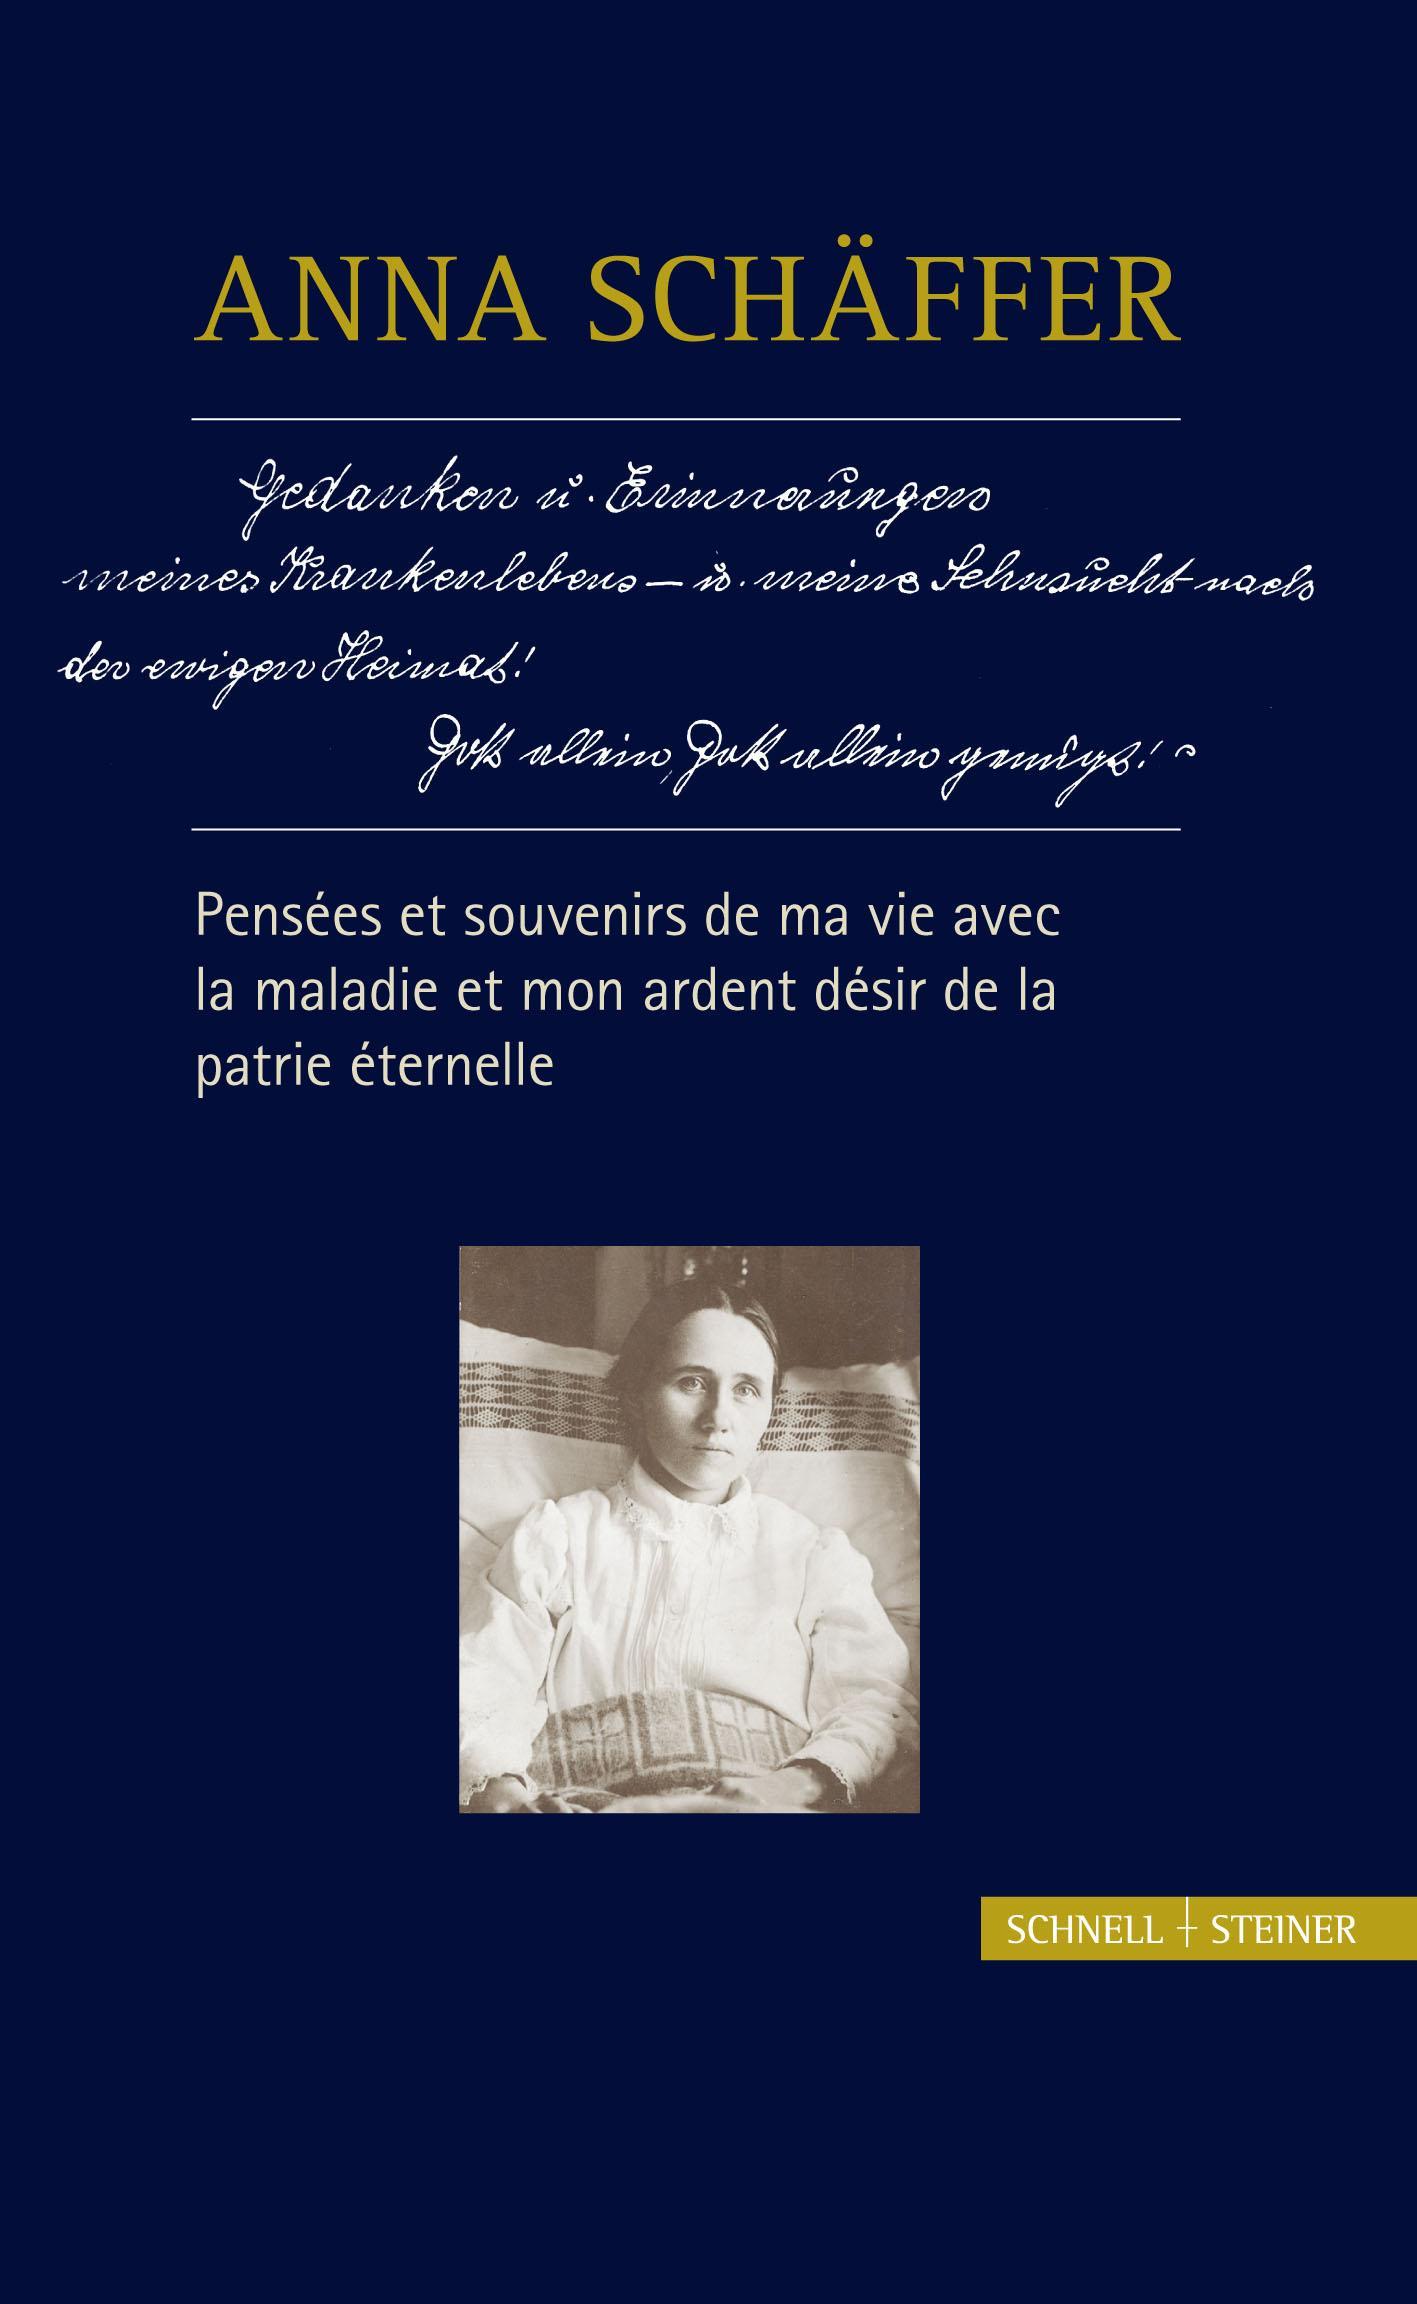 Anna-Schaeffer-Pensees-et-souvenirs-de-ma-vie-avec-la-maladie-et-mon-arden